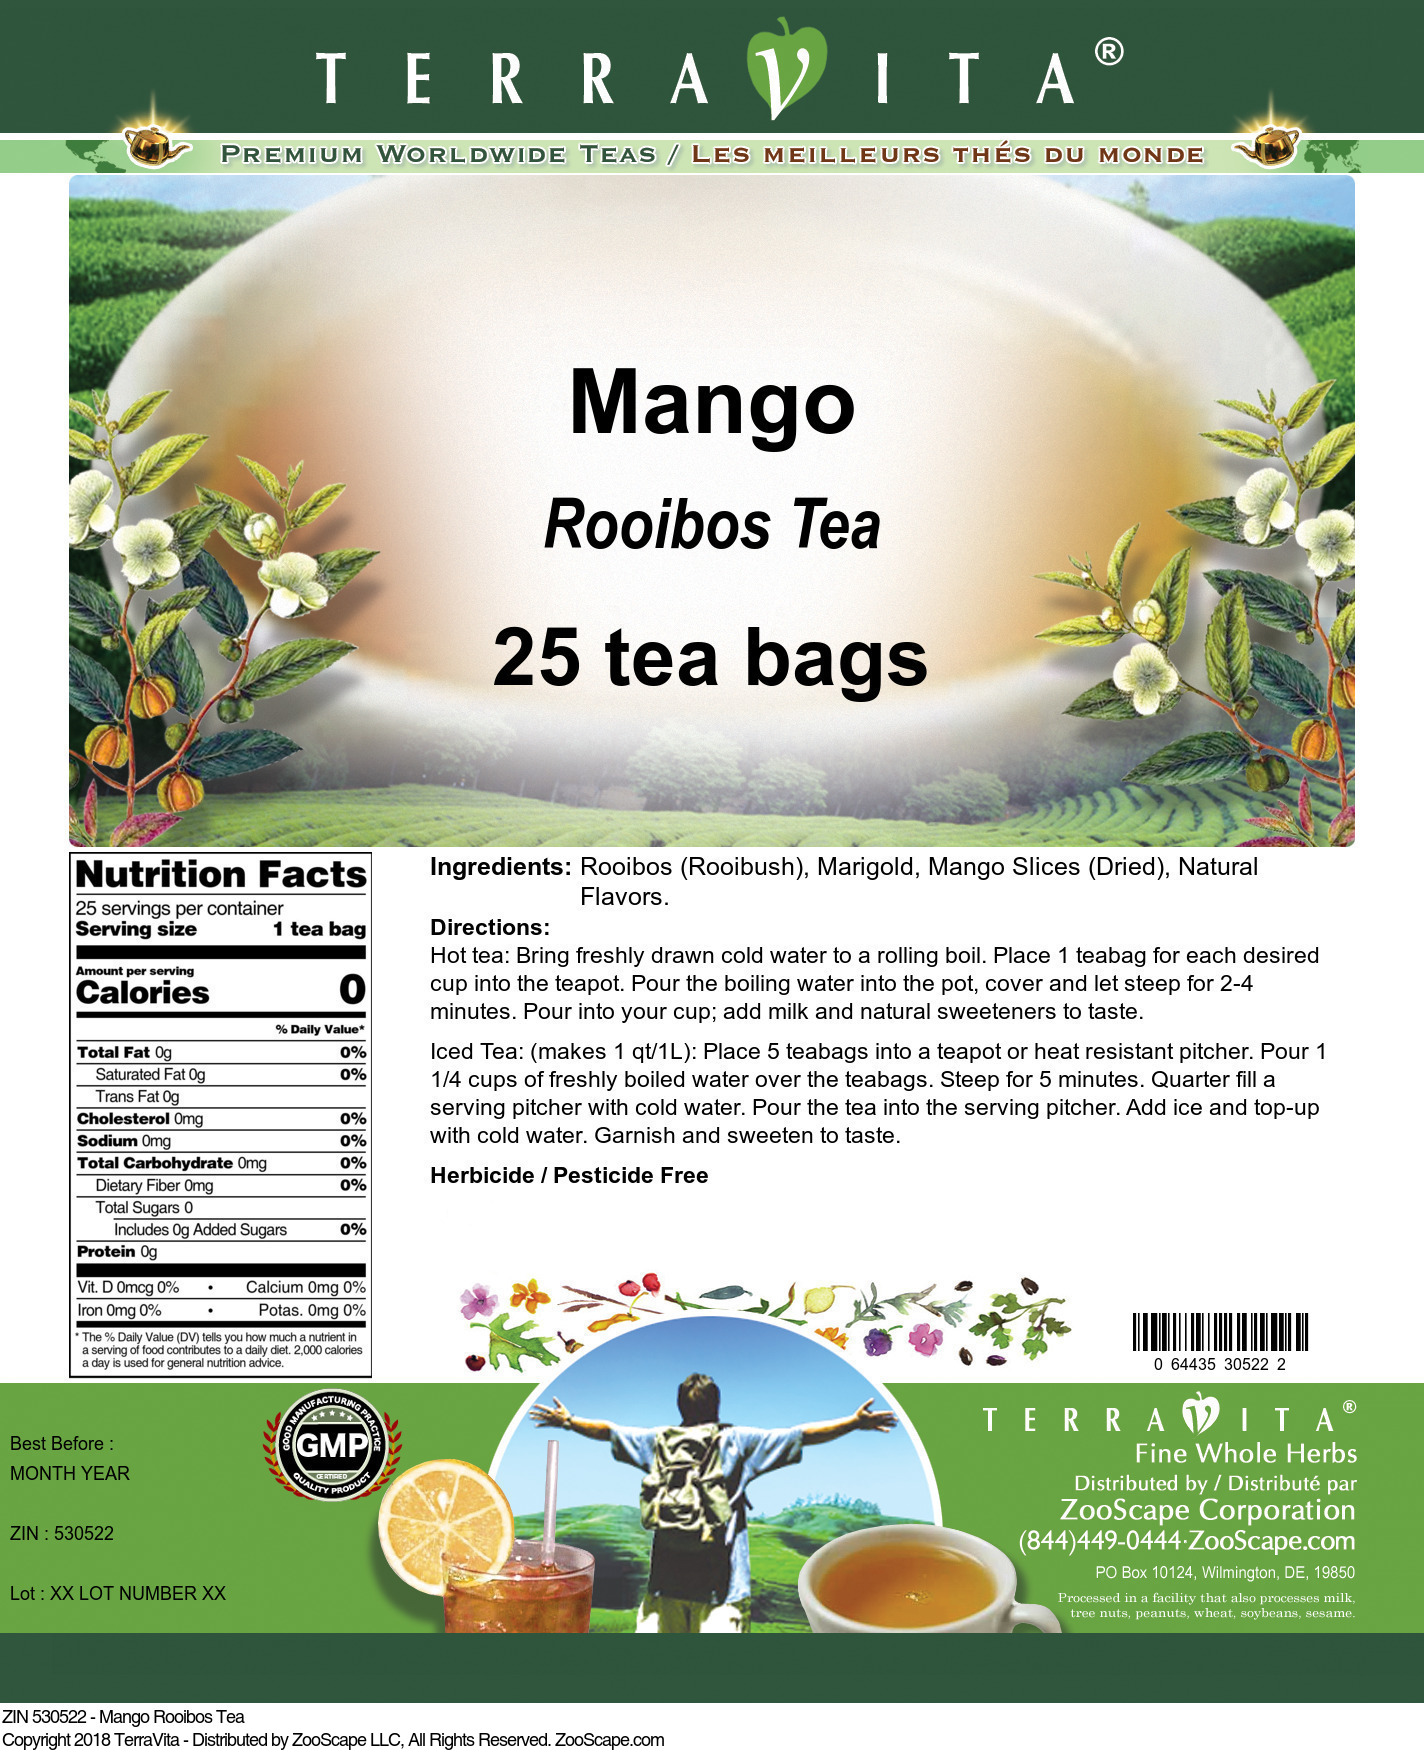 Mango Rooibos Tea